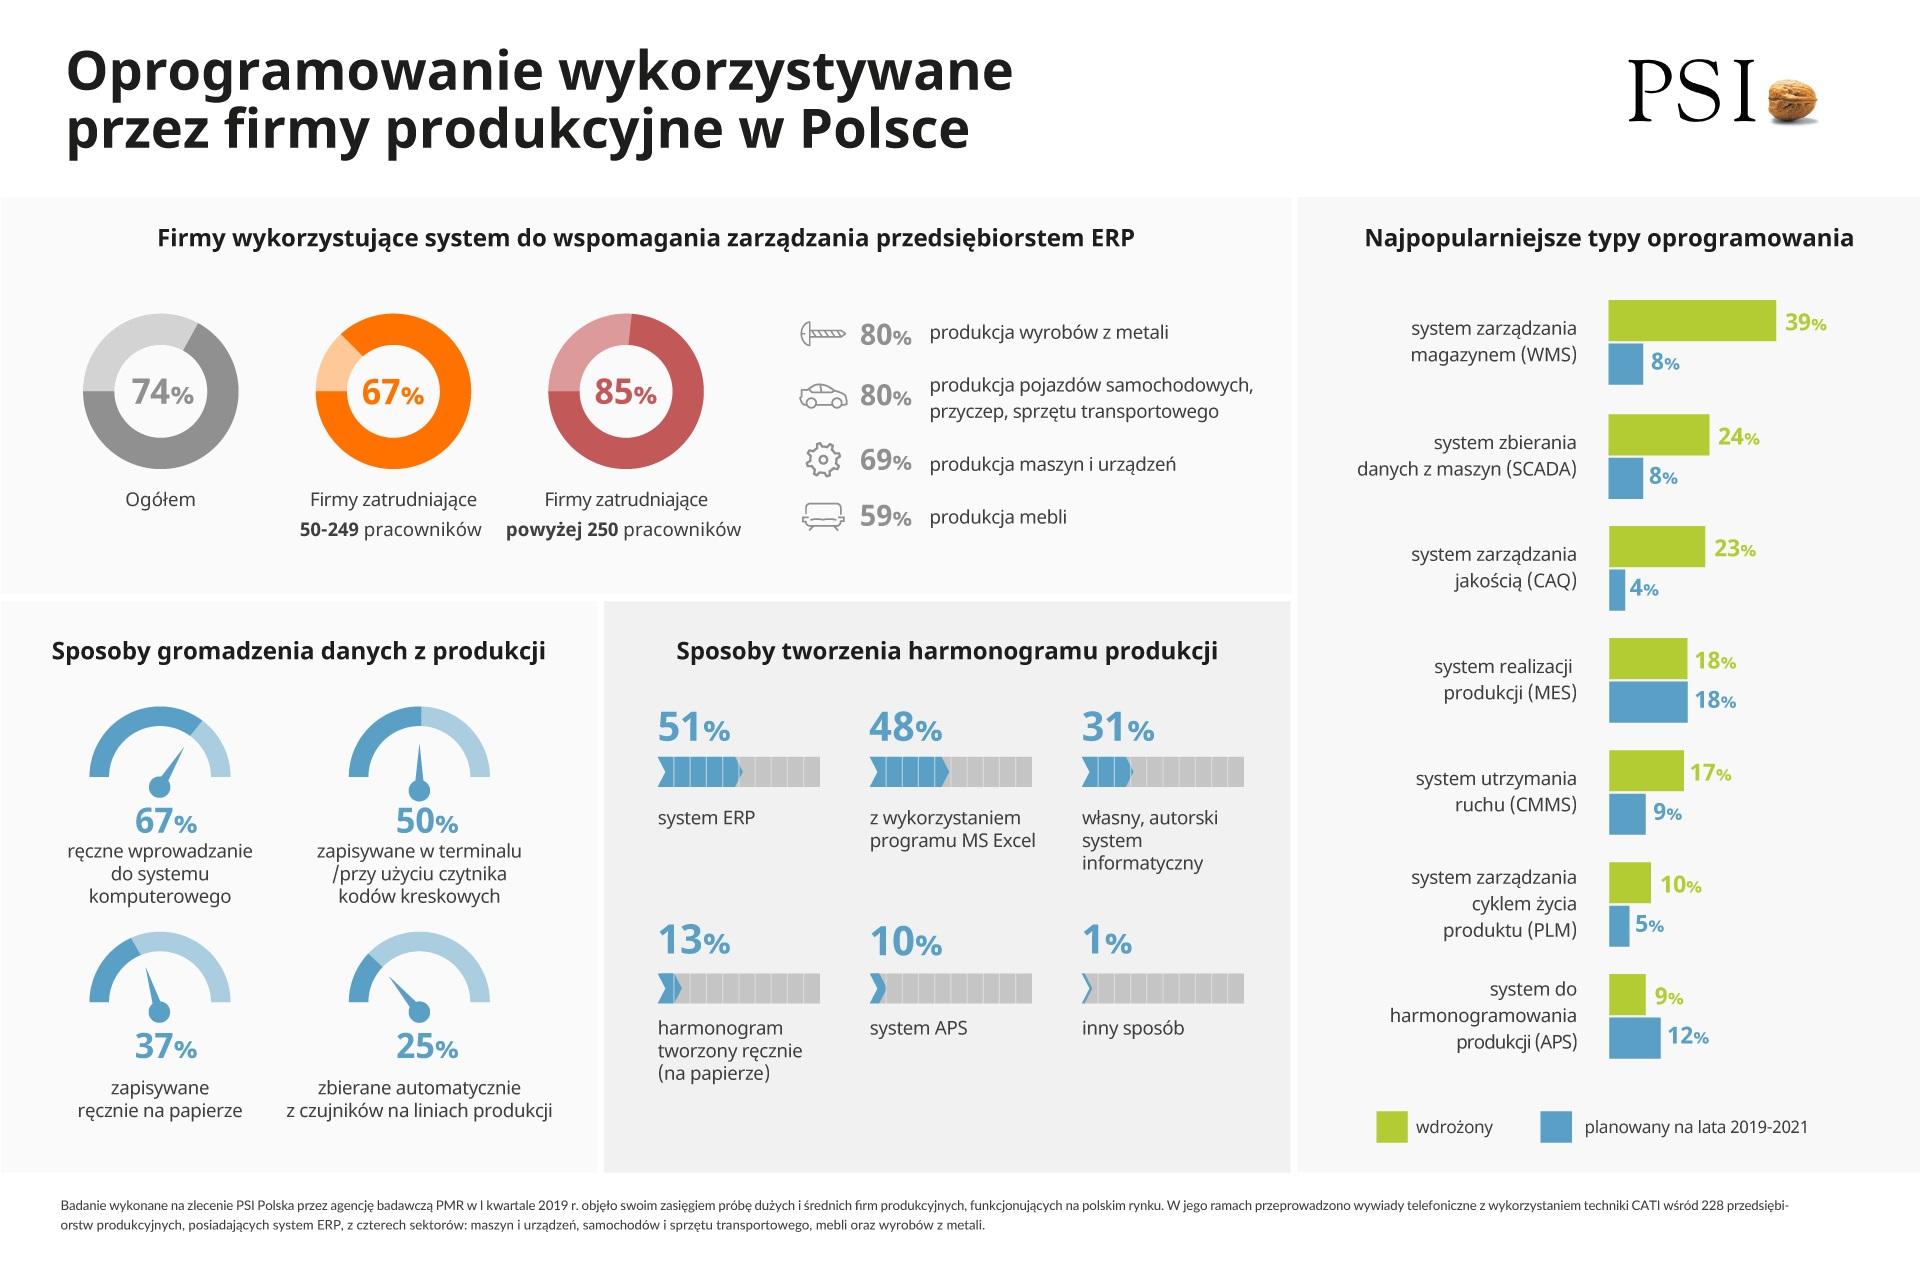 Oprogramowanie wykorzystywane przez firmy (Źródło: Raport PSI Polska)